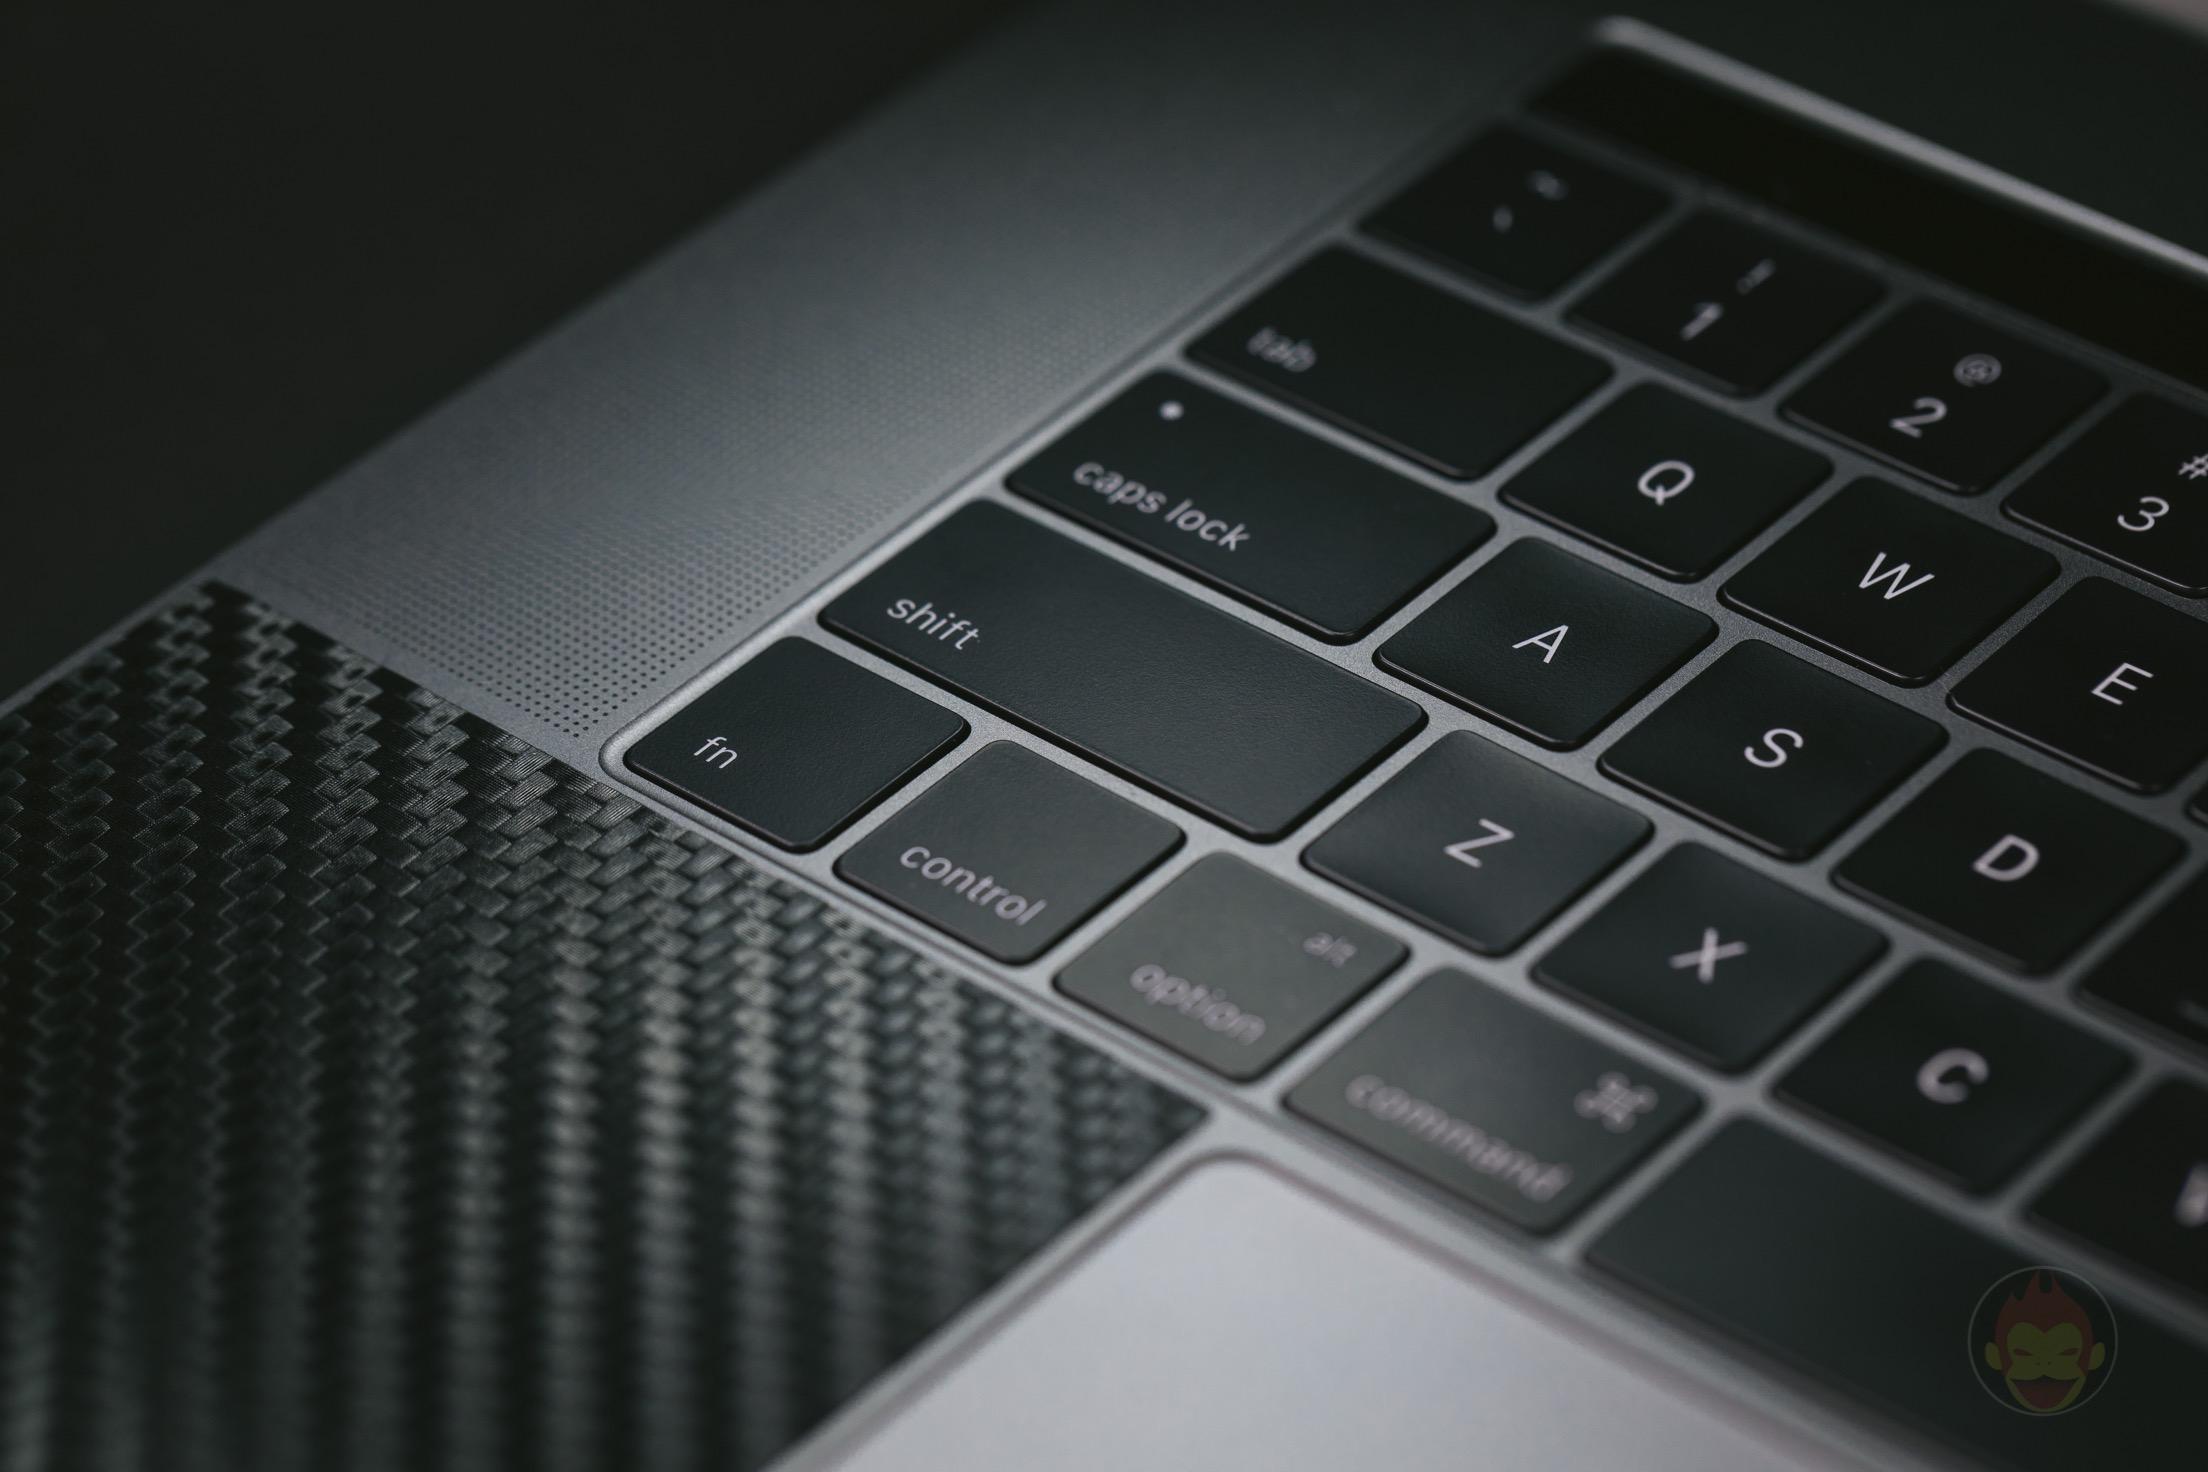 MacBook Pro Late 2016 15インチモデル レビュー(使い勝手、操作性、動作など)